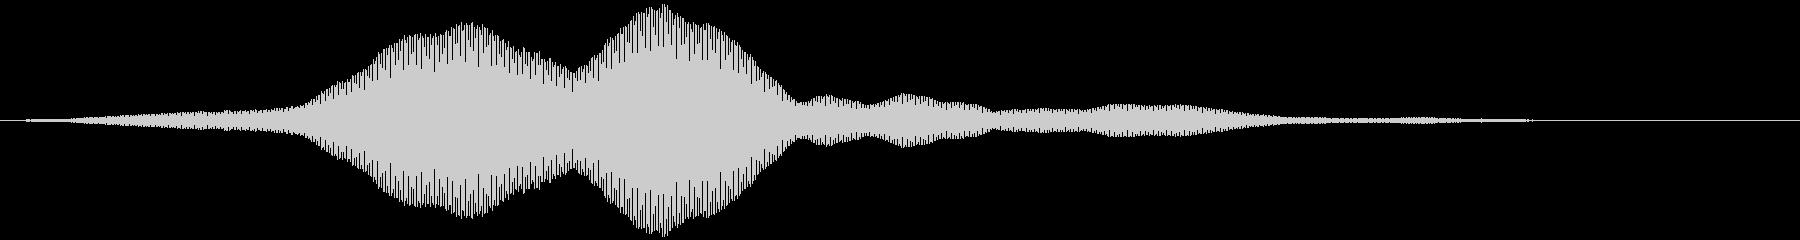 決定・ソフト・神秘的・未来的・フォーンの未再生の波形